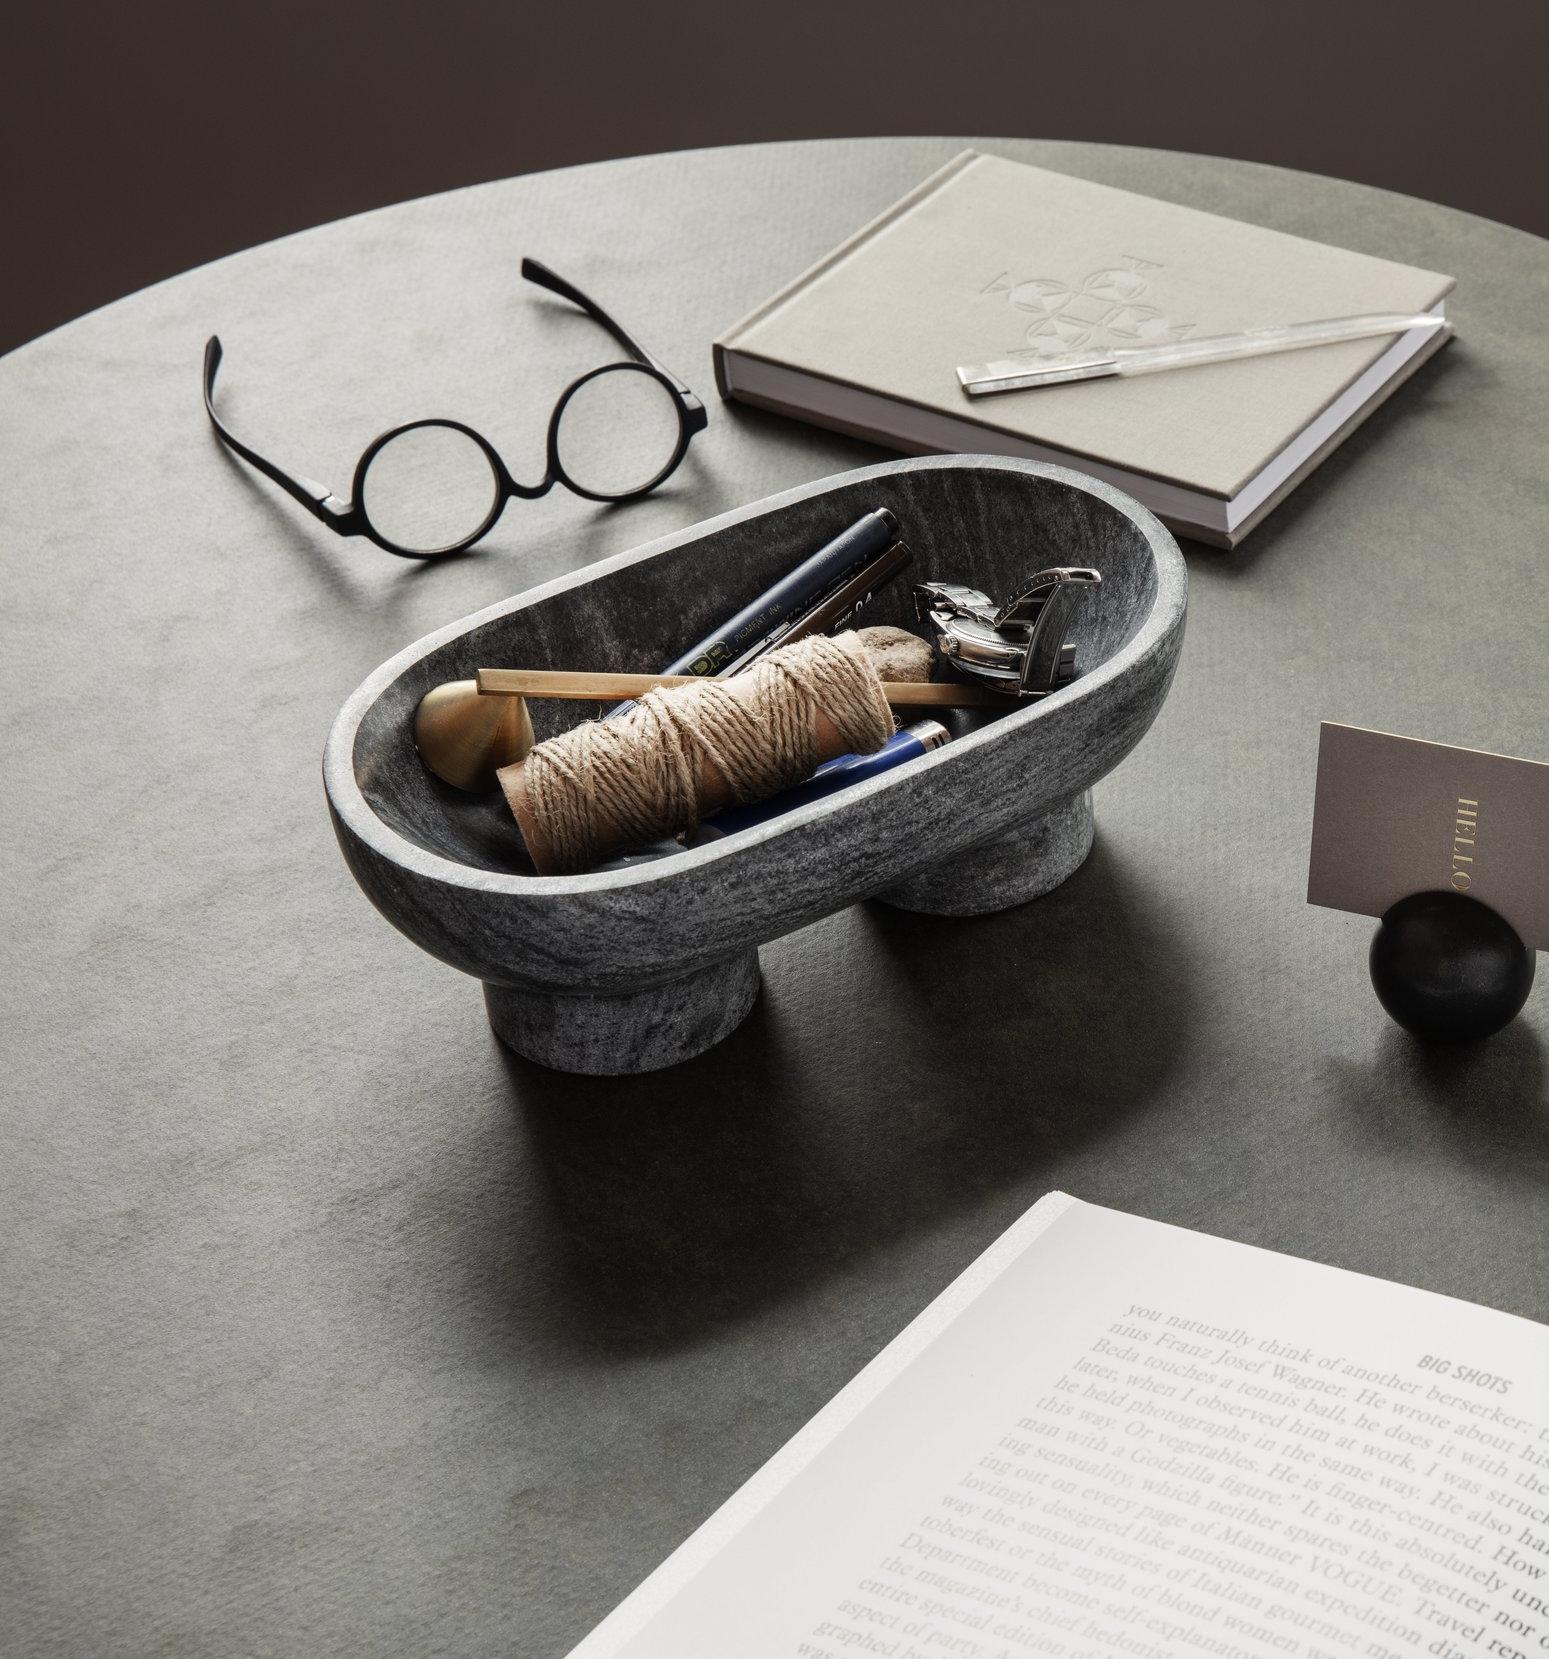 Alza bowl, ferm living, home accesories, workspace, scandinavian design interiors .jpg